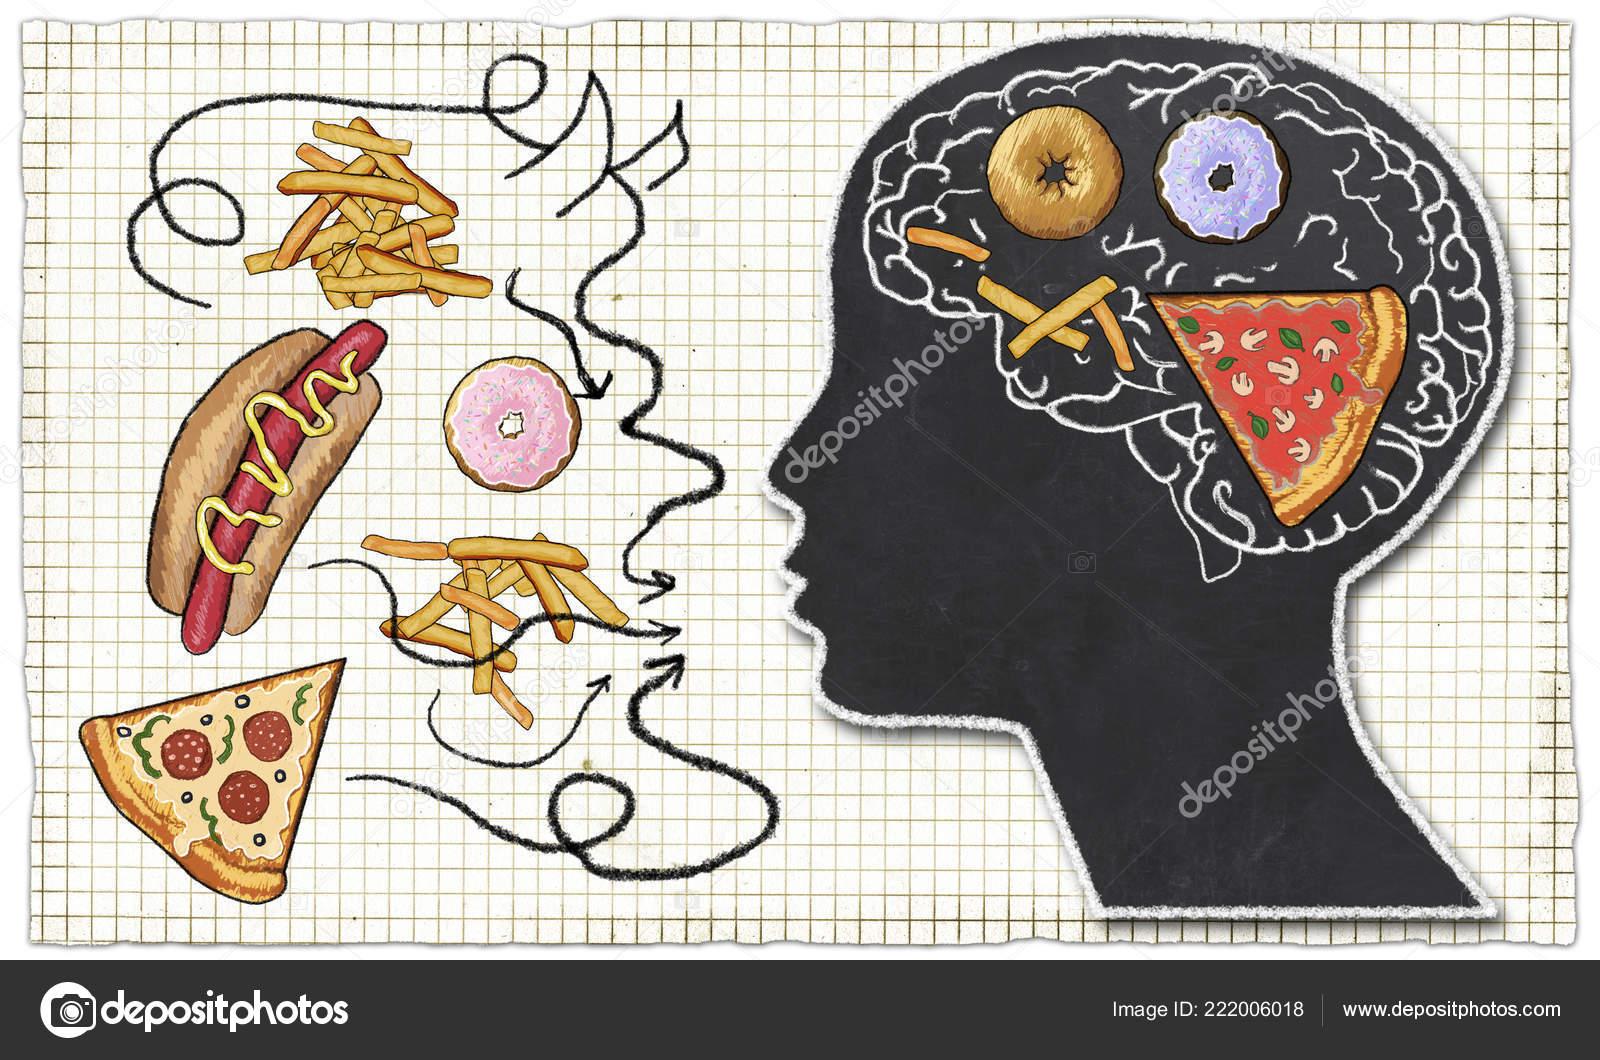 Zavislost Ilustrovane Rychlym Obcerstvenim Mozek Klasickem Styl